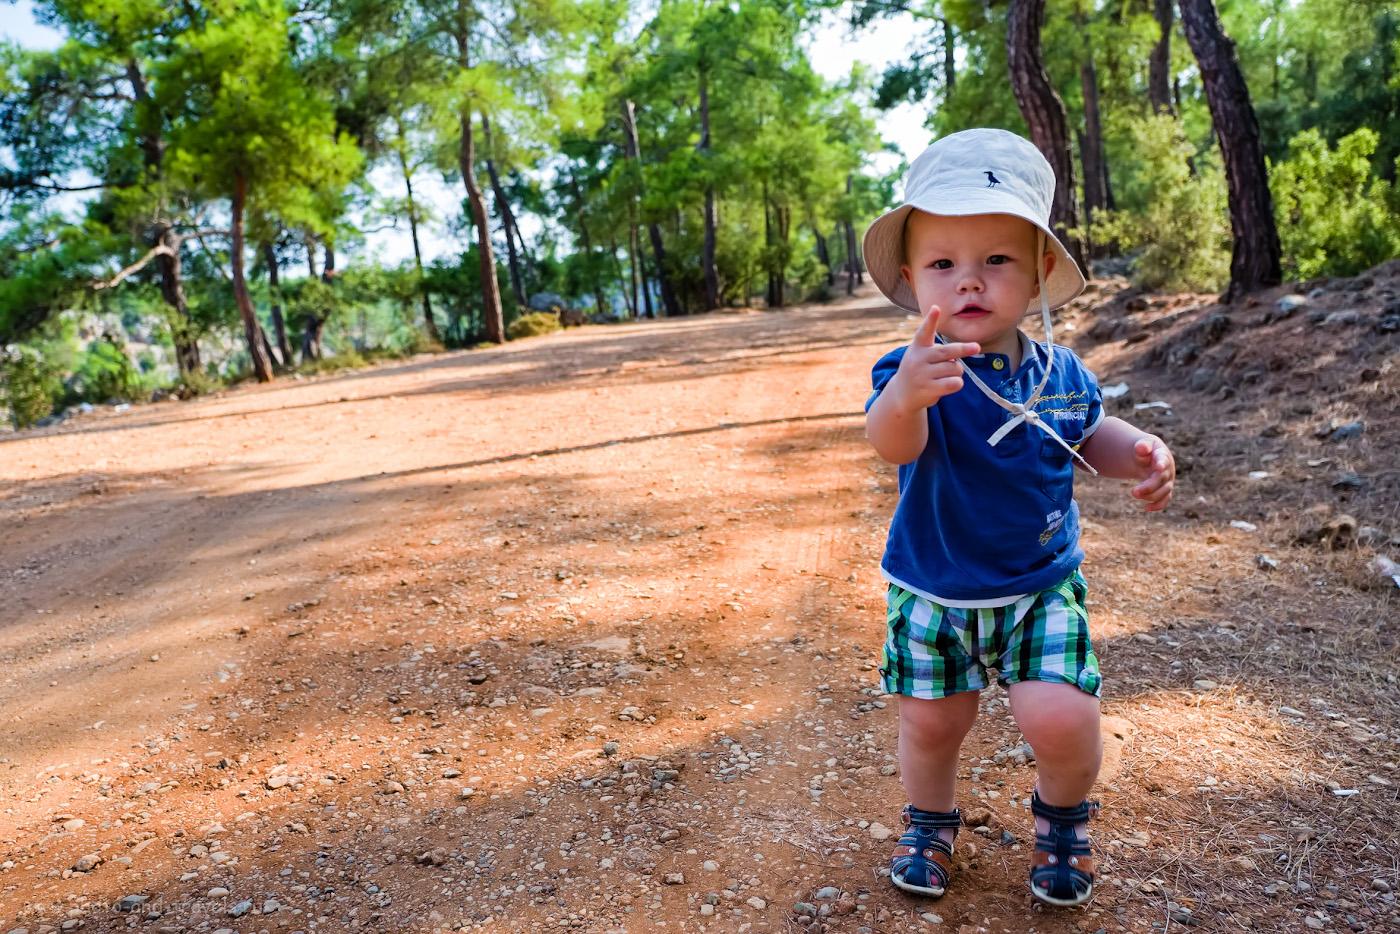 Фотография 42. Когда ребенок выдает претензию родителям по поводу отдыха в Турции… Снято по дороге, идущей вдоль каньона Гювер Учуруму в окрестностях Анталии. 1/250, 2.8, 320, +1.0, 16.